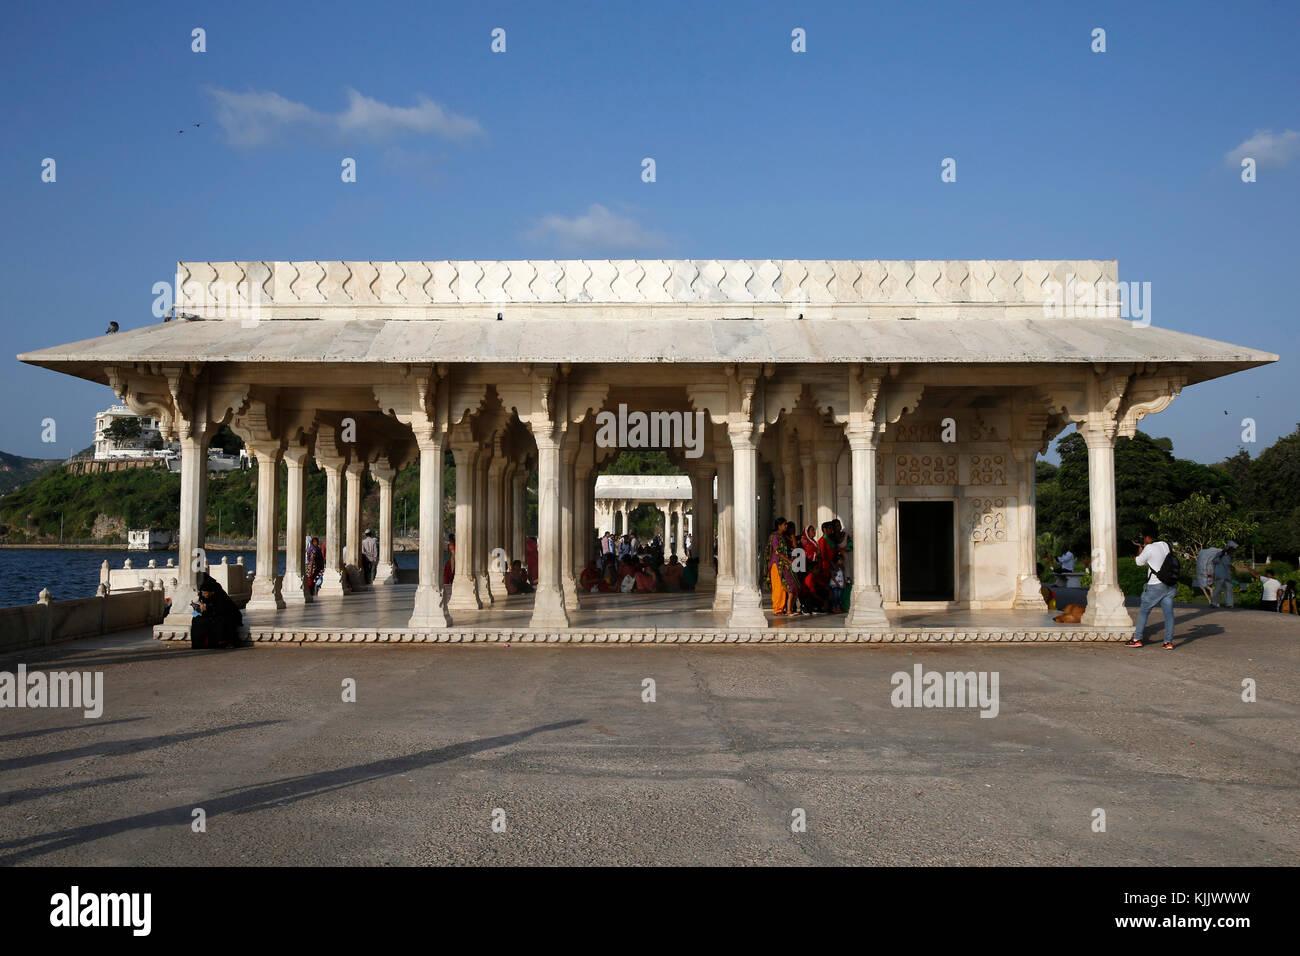 Baradari built by Shah jahan at lake Anasagar, Ajmer, India. Stock Photo